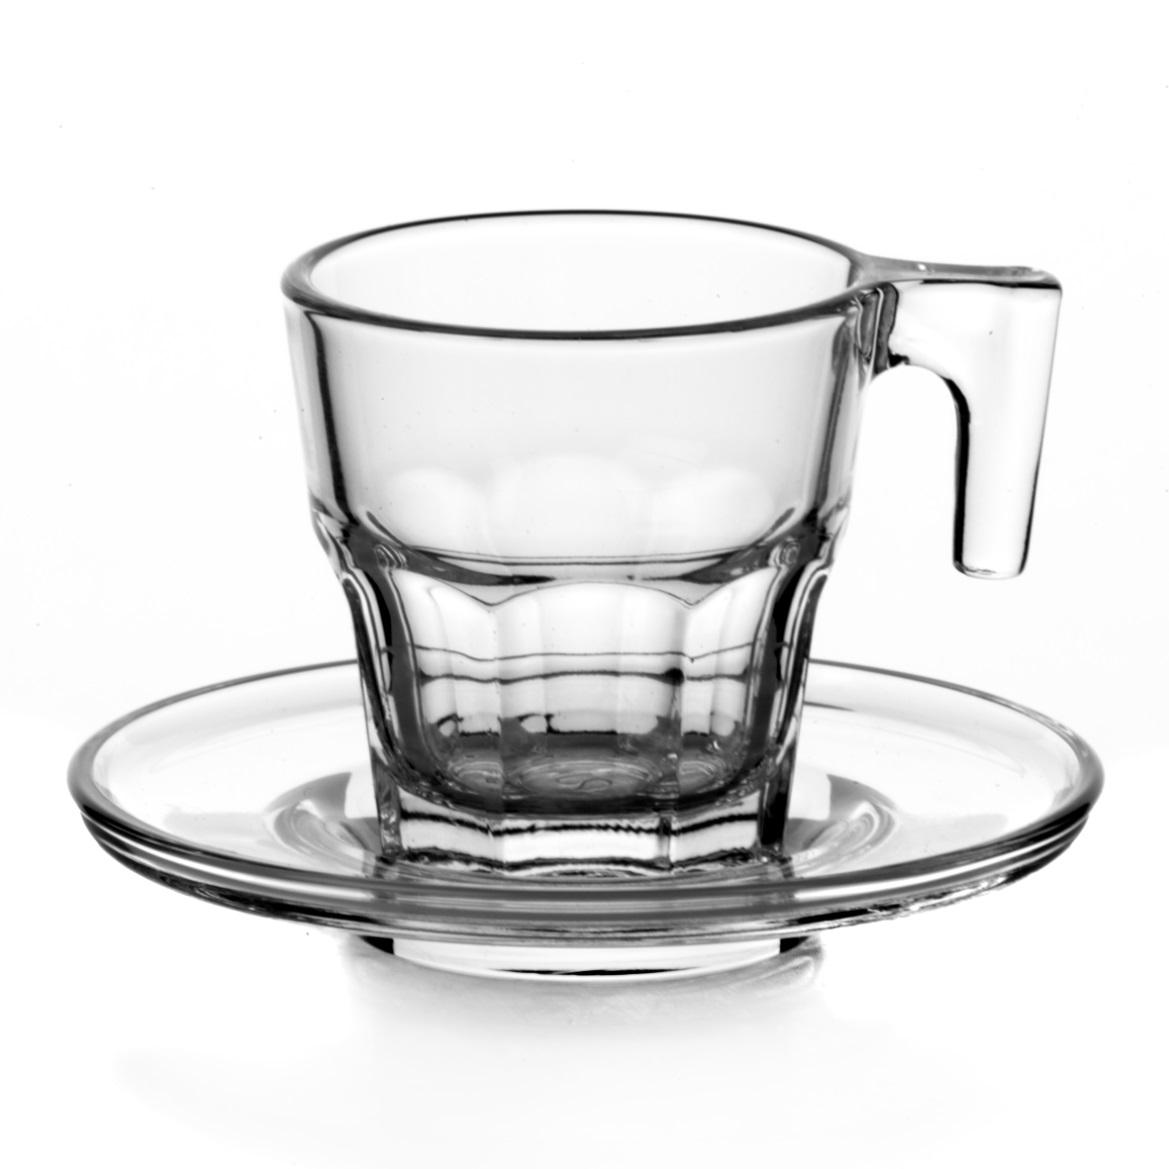 Набор кофейный Pasabahce Casablanka, цвет: прозрачный, 12 предметов95753Кофейный набор Pasabahce Casablanka состоит из 6 кружек и 6 блюдец, выполненных из натрий-кальций-силикатного стекла. Изделия сочетают в себе изысканный дизайн и функциональность. Благодаря такому набору пить кофе будет еще вкуснее.Кофейный набор Pasabahce Casablanka прекрасно оформит праздничный стол и создаст приятную атмосферу за ужином. Такой набор также станет хорошим подарком к любому случаю. Можно мыть в посудомоечной машине.Количество кружек: 6 шт.Диаметр кружки (по верхнему краю): 5,5 см.Высота кружки: 6 см.Объем кружки: 70 мл.Количество блюдец: 6 шт.Диаметр блюдца: 8 см.